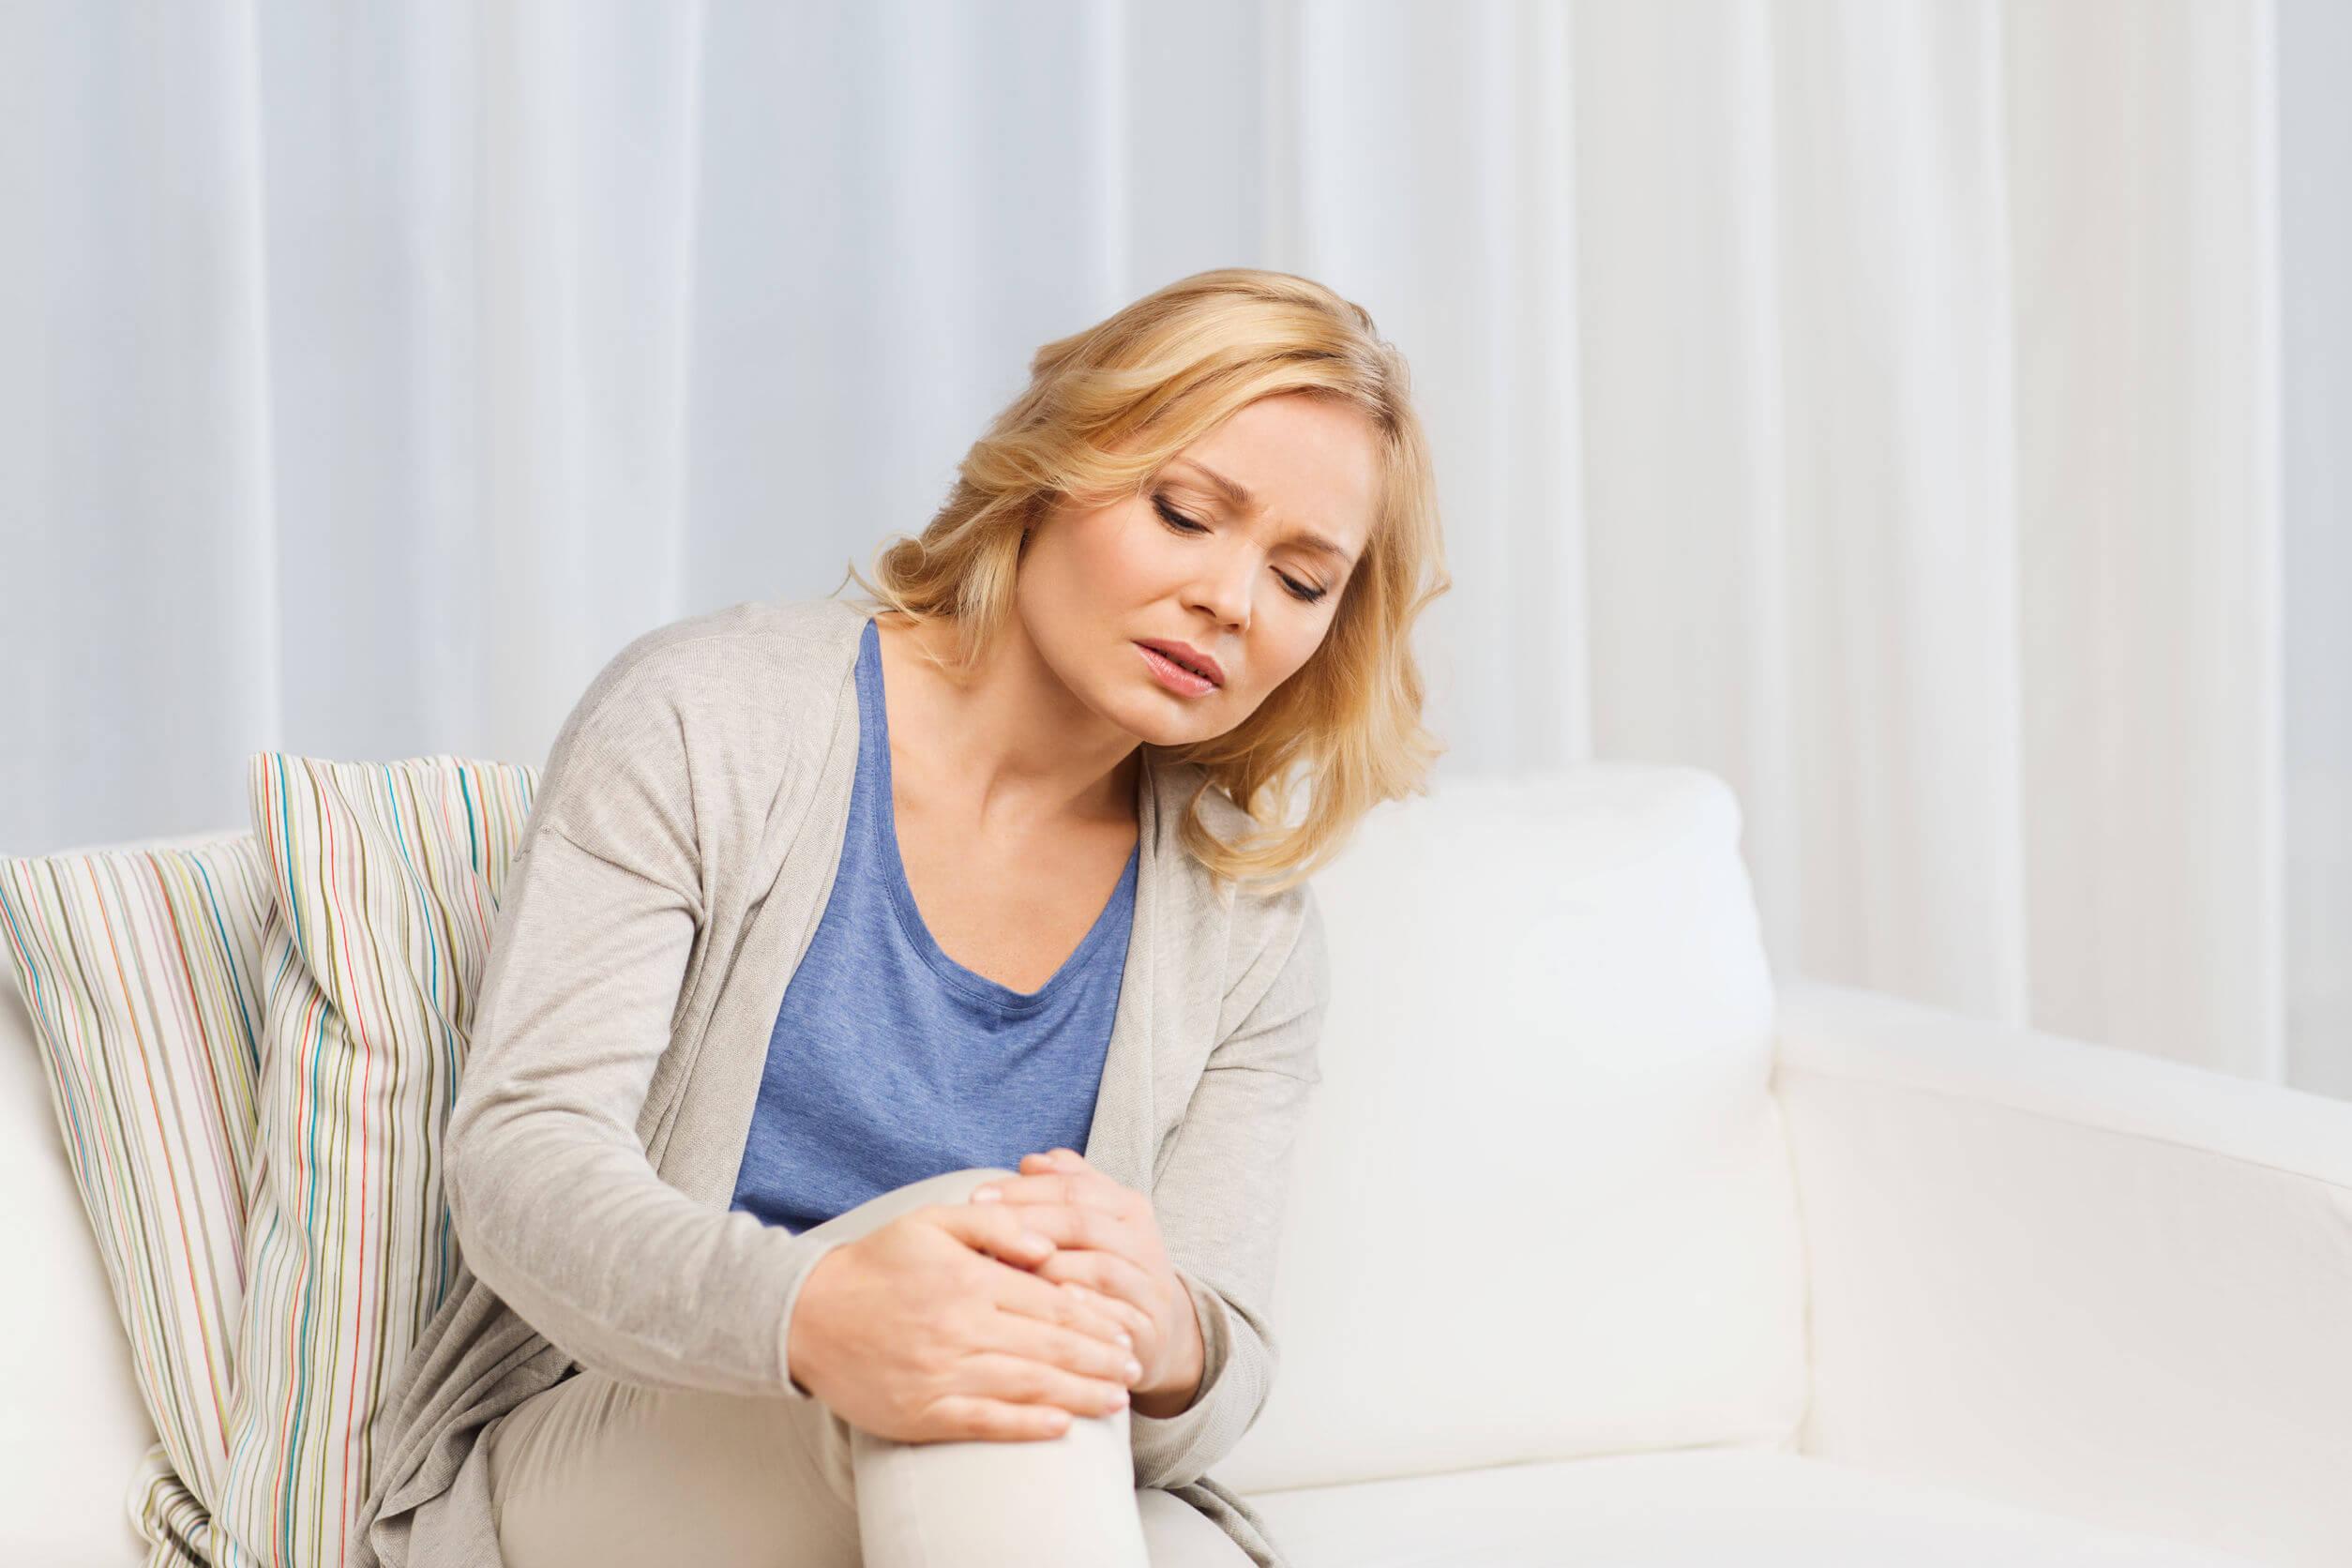 La artrosis de rodilla afecta a ambos sexos.